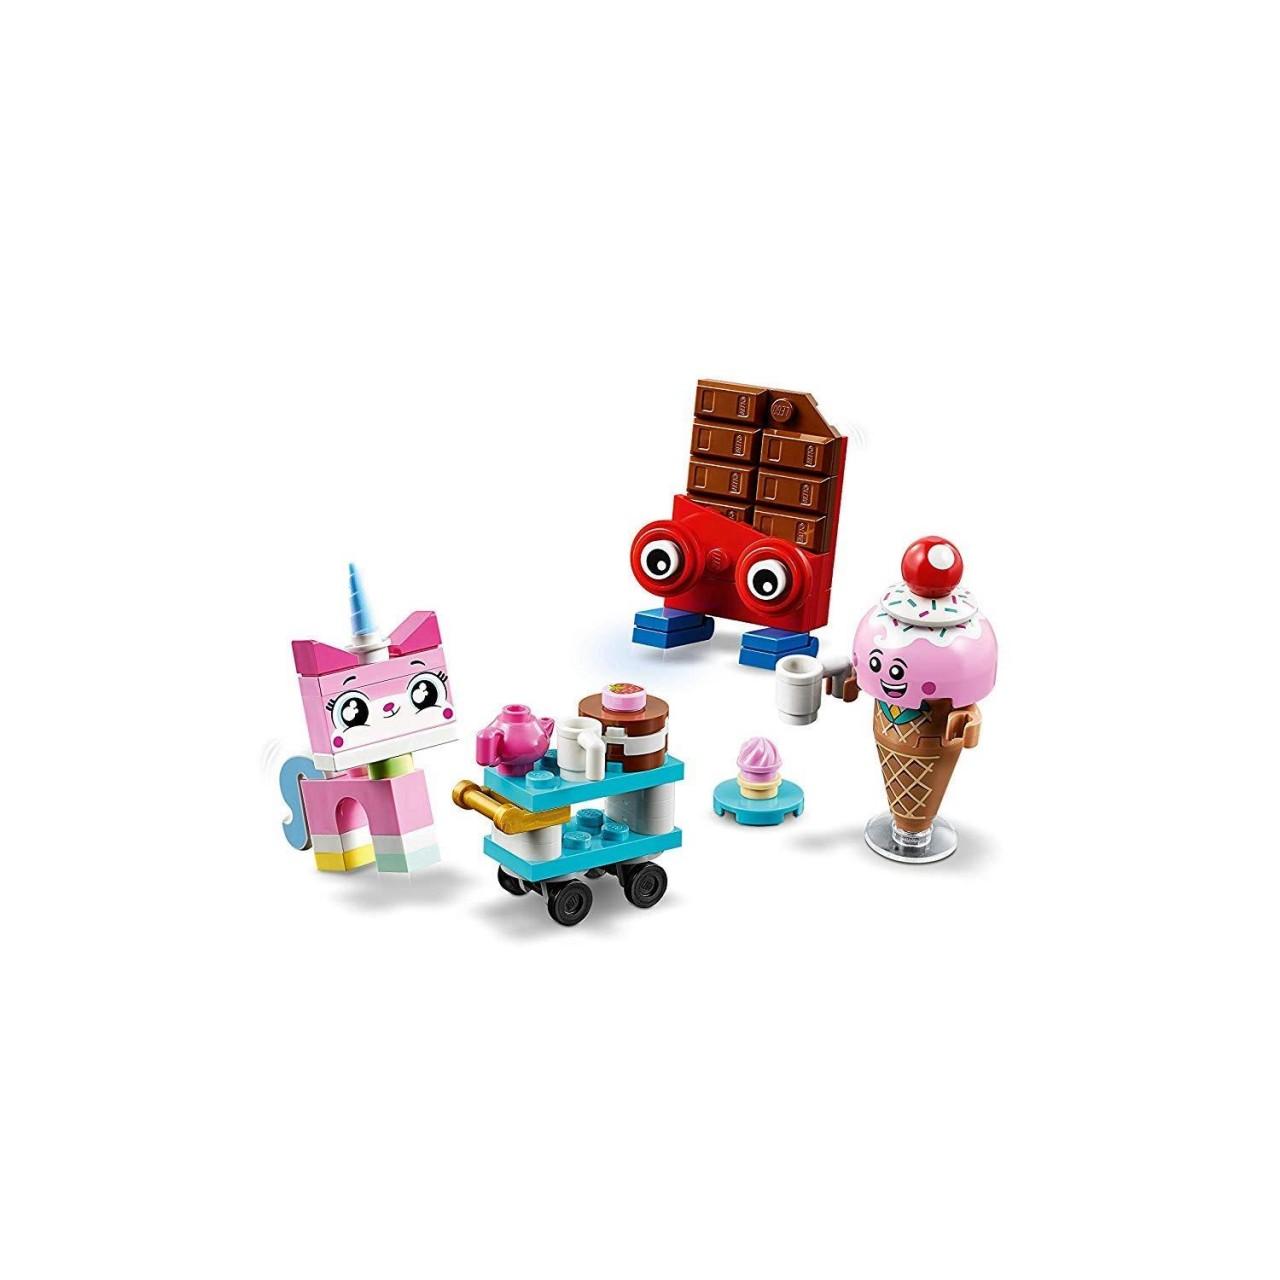 THE LEGO MOVIE 2 70822 Einhorn Kittys niedlichste Freunde ALLER ZEITEN!